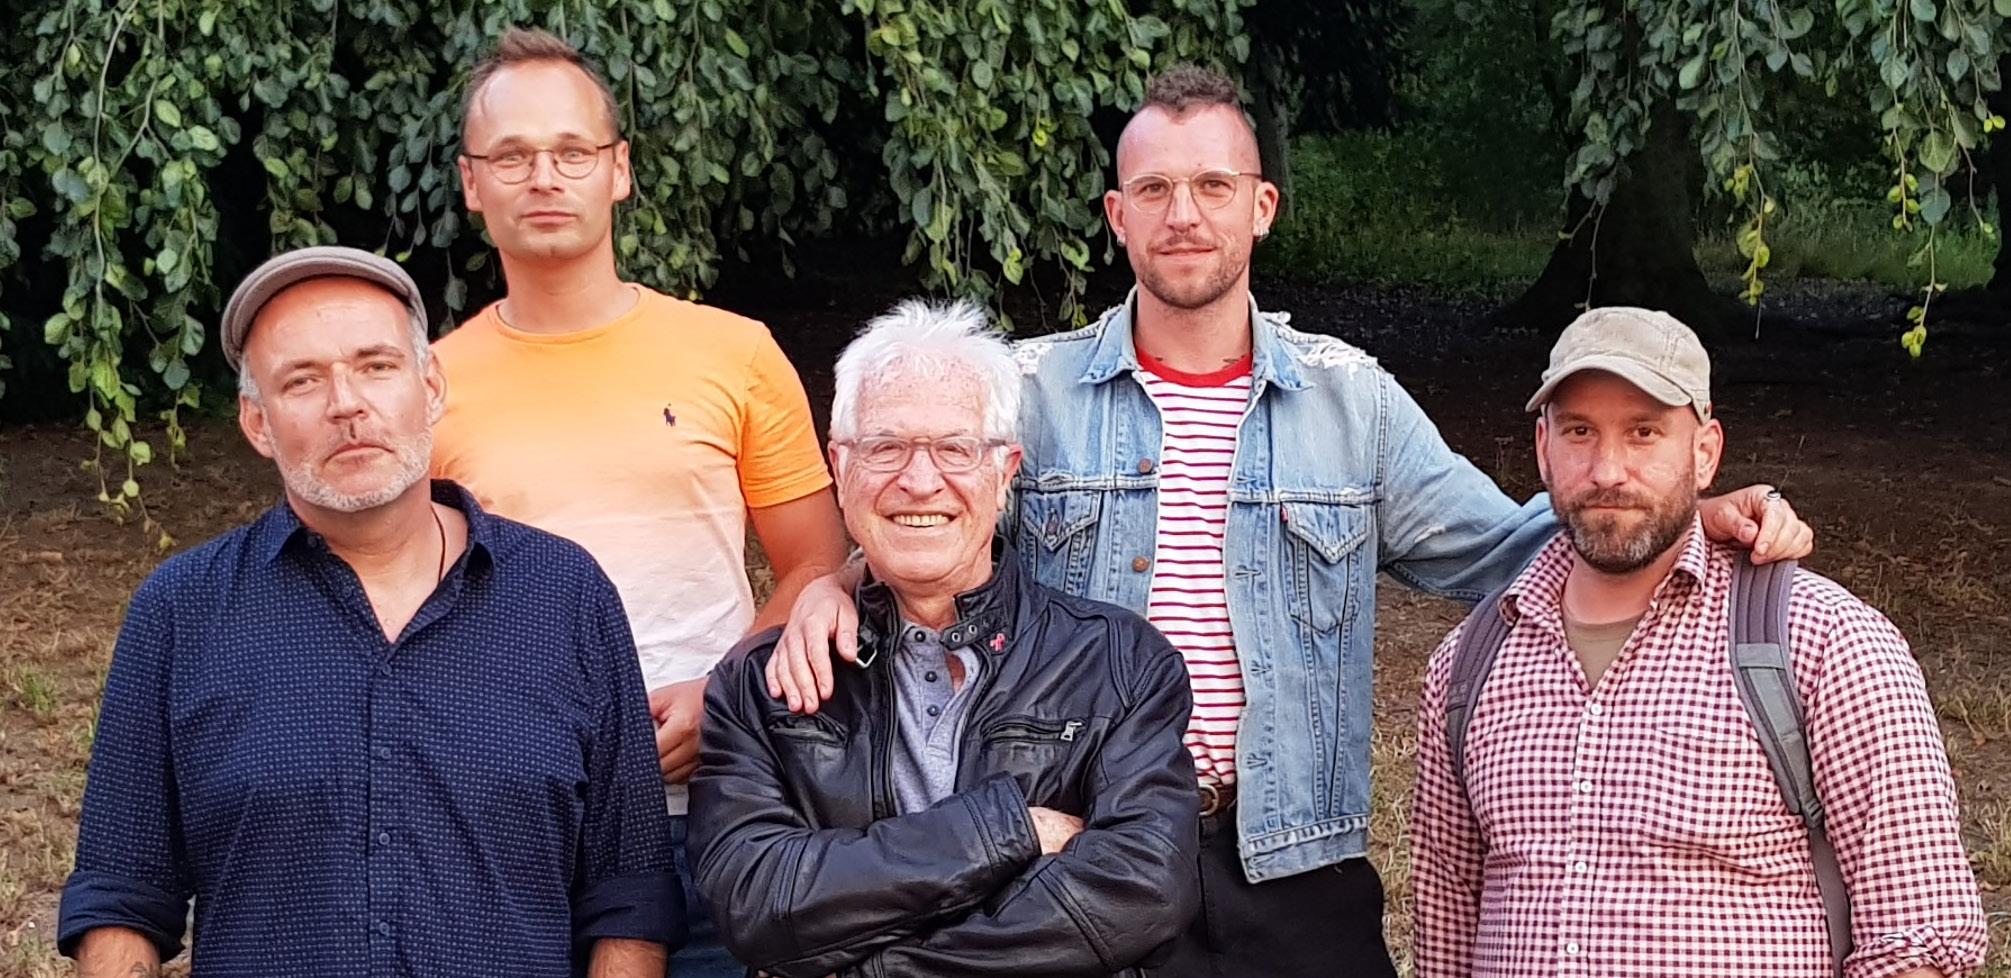 (Obere Reihe, v. l. n. r.) F. Richter und T. Müller, (untere Reihe, v. l. n. r.) C. Rudolph, W. Wagner und H. Lenz von der AG Haft.